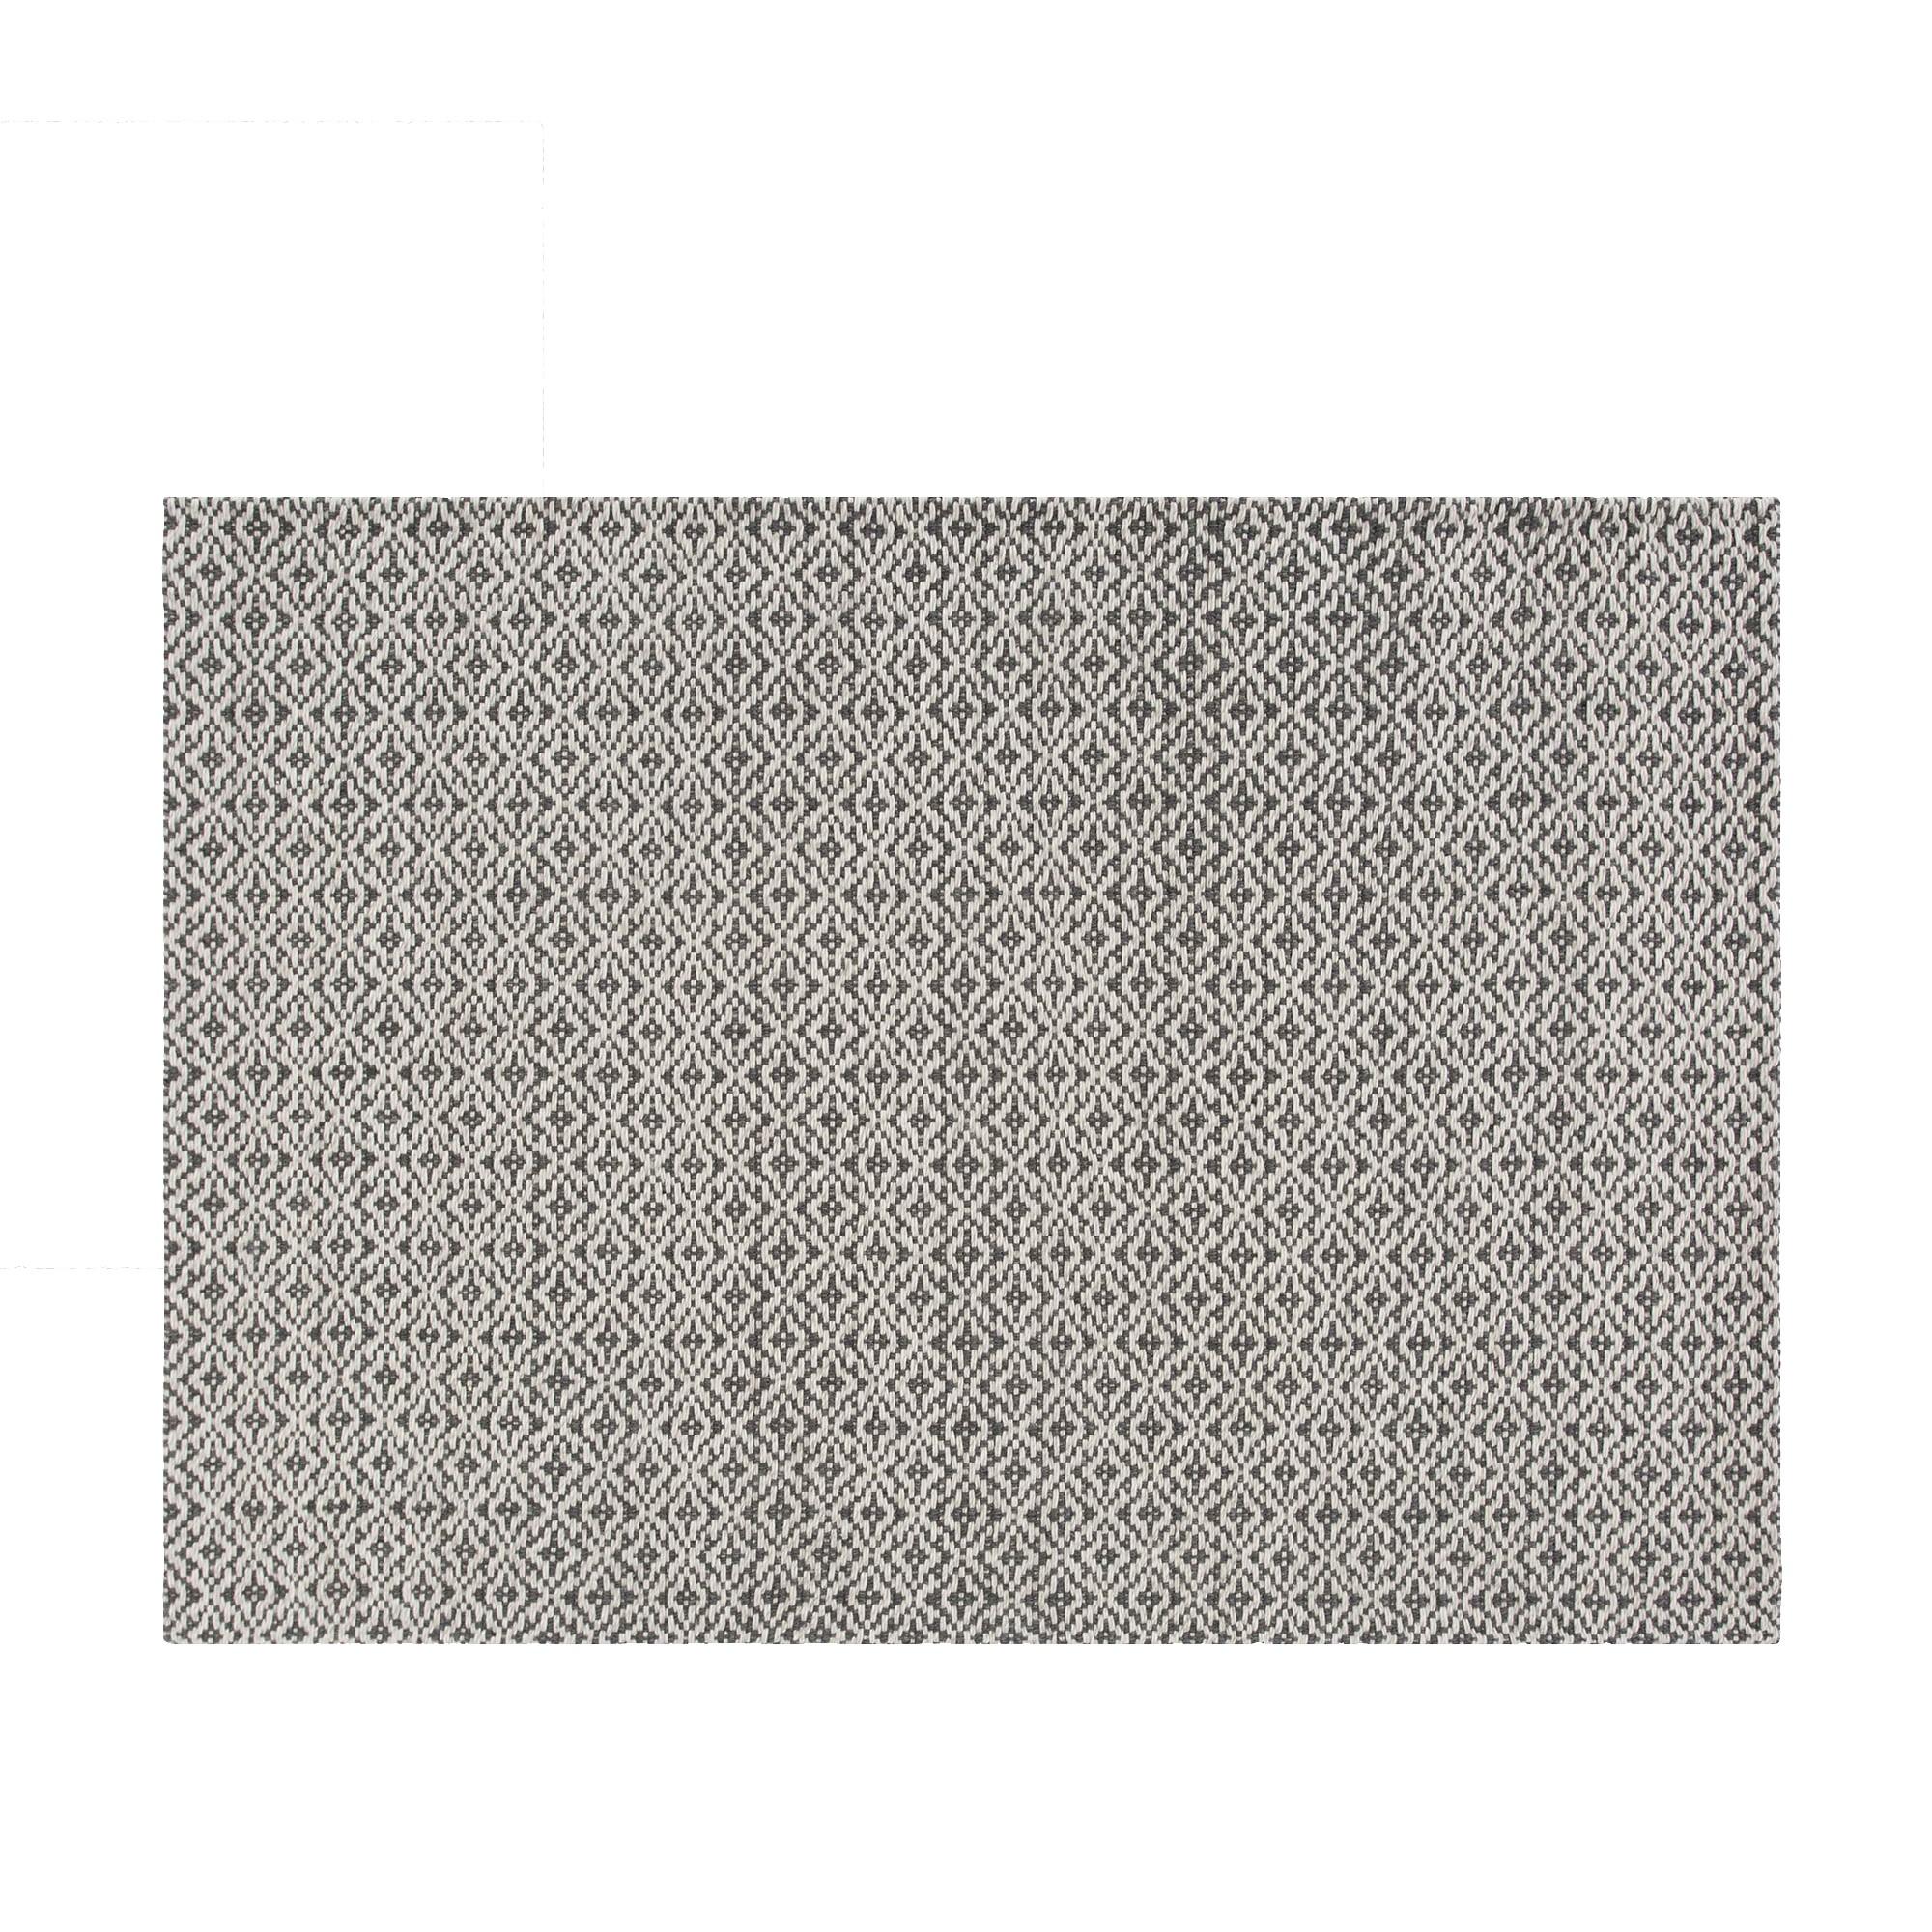 tapis bari - Objet Decomaison Moderne